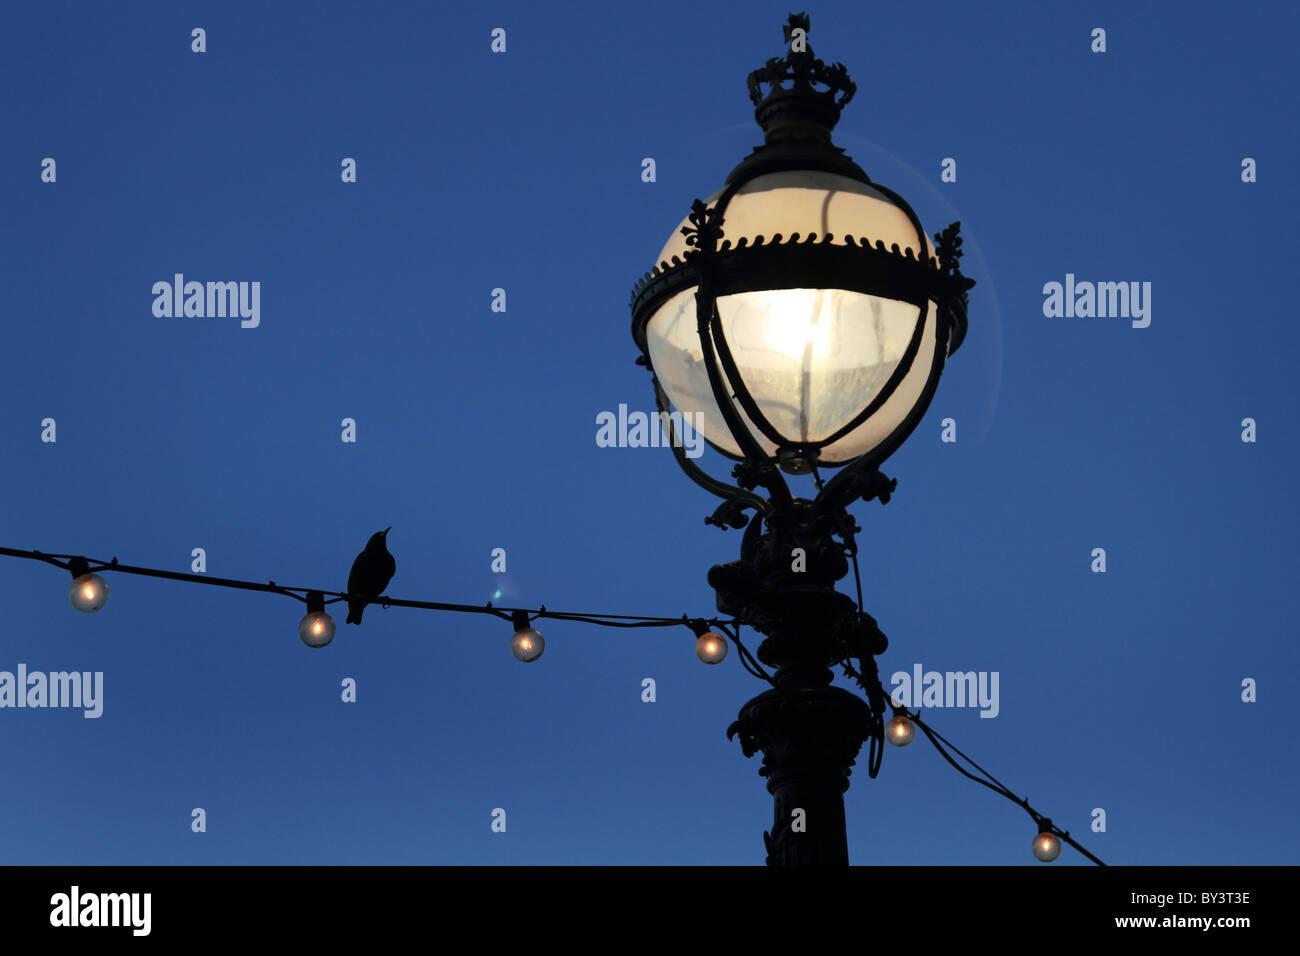 Luz de la calle la noche noche de aves ornamentales Imagen De Stock